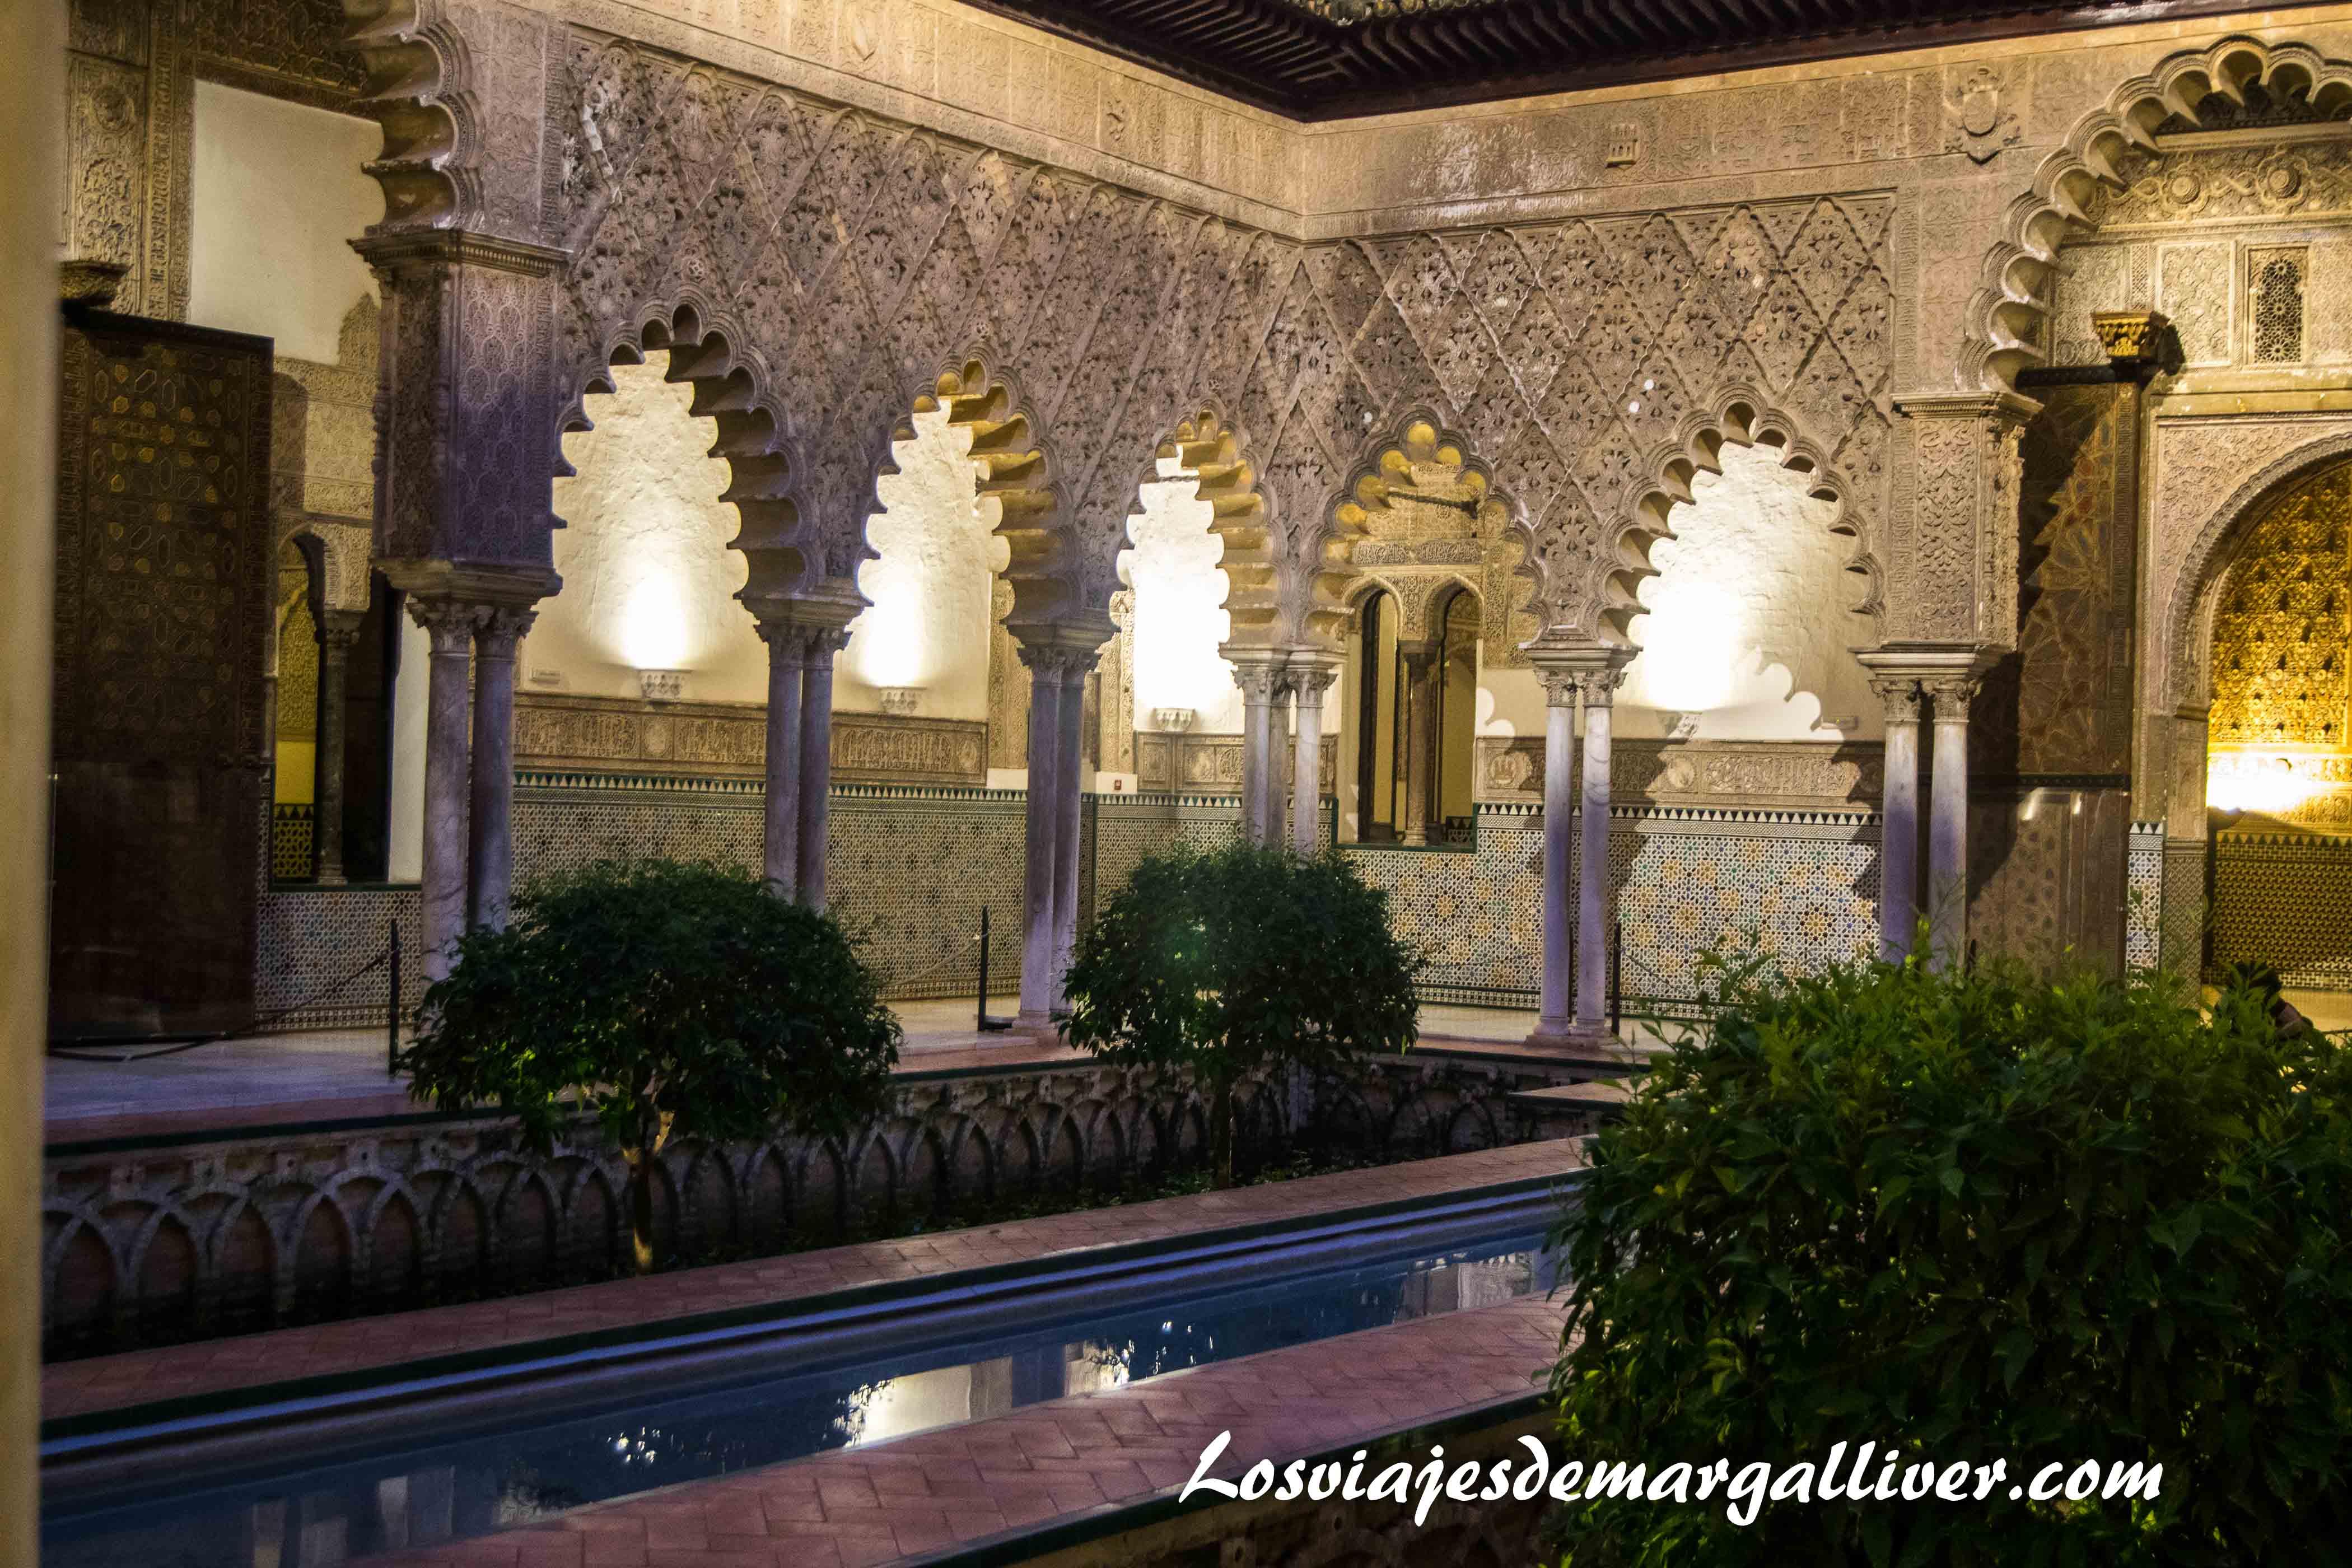 jardin del palacio mudejar del real alcazar de Sevilla - Los viajes de margalliver